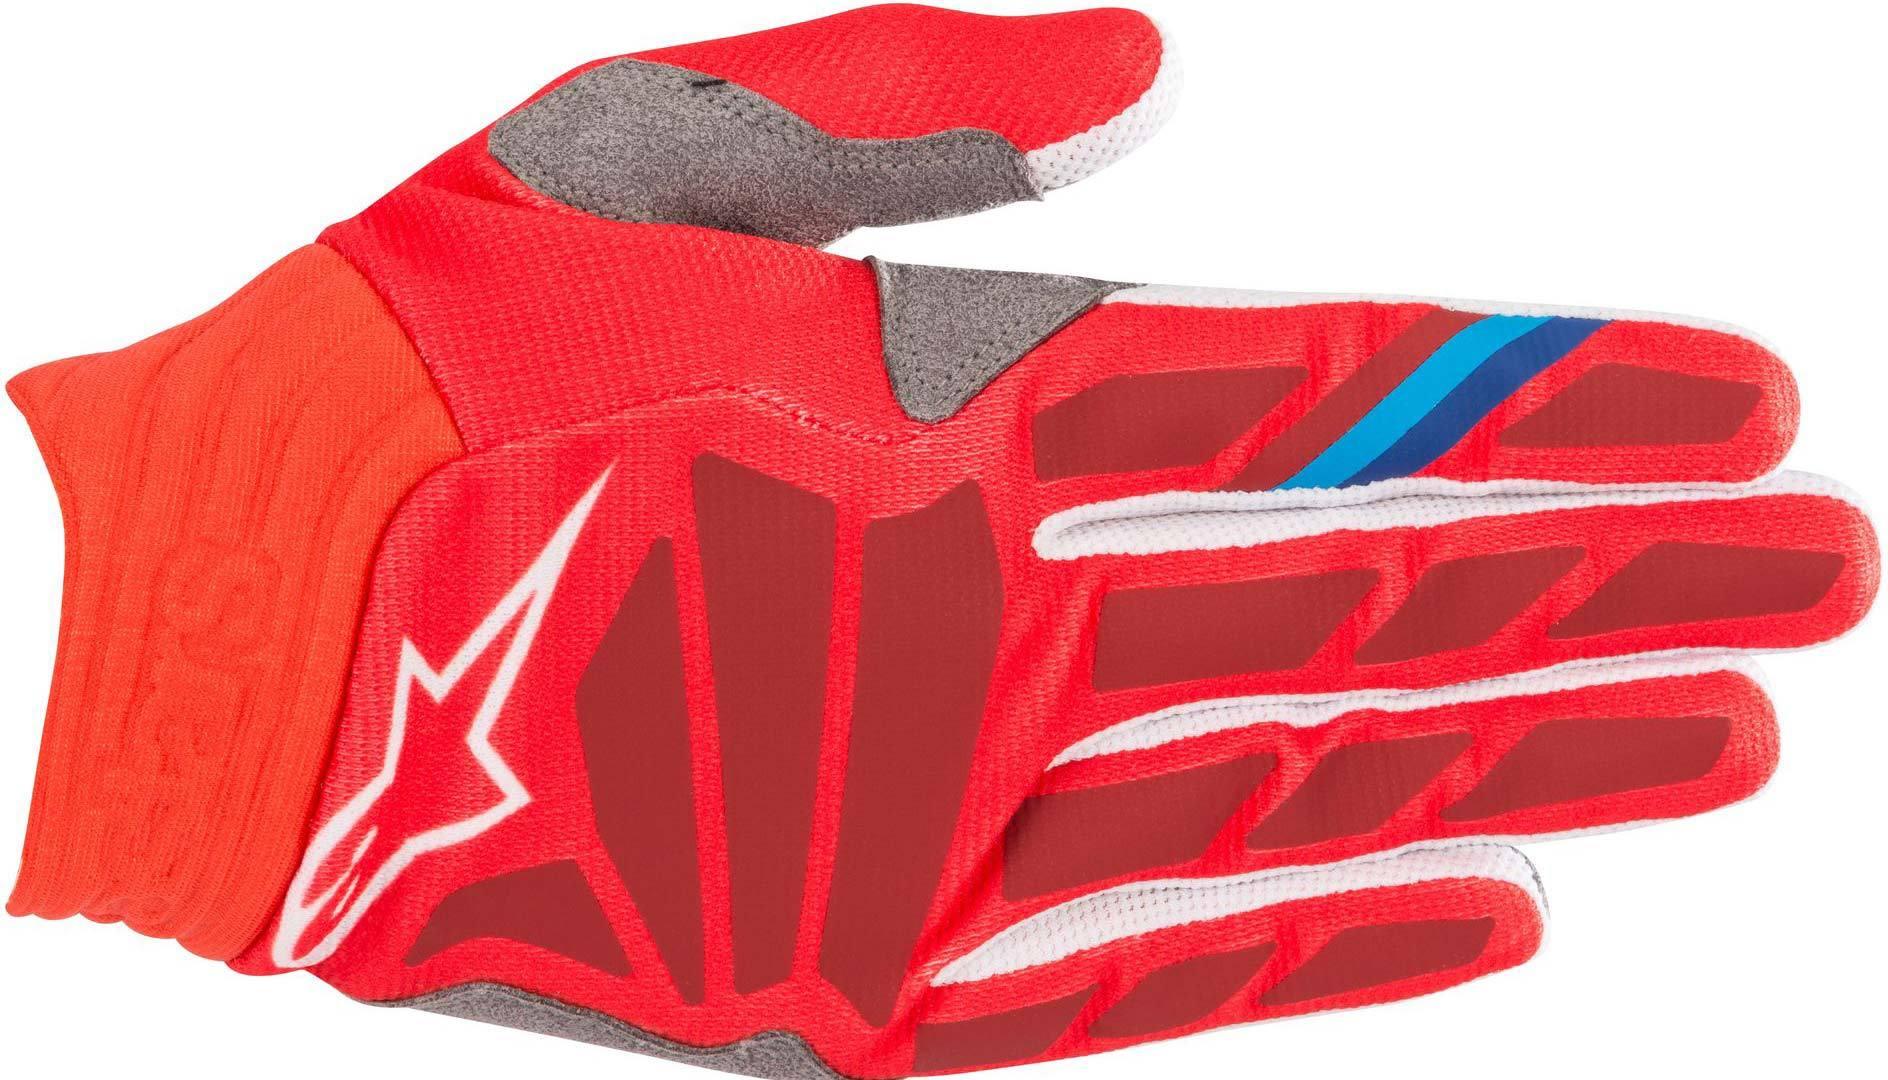 Alpinestars Aviator Motocross Gloves Red L